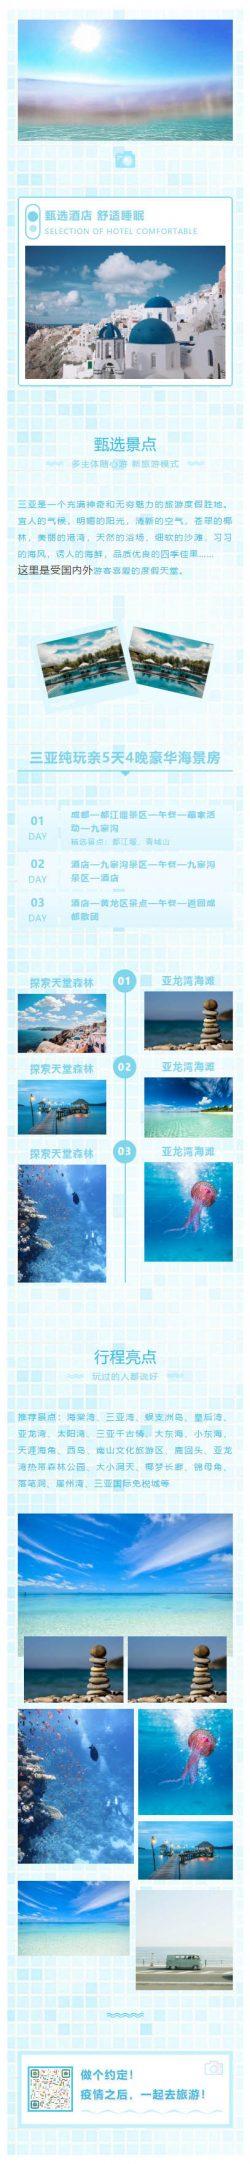 夏天旅游旅行海边网格背景蓝色公众号推文模板微信模板